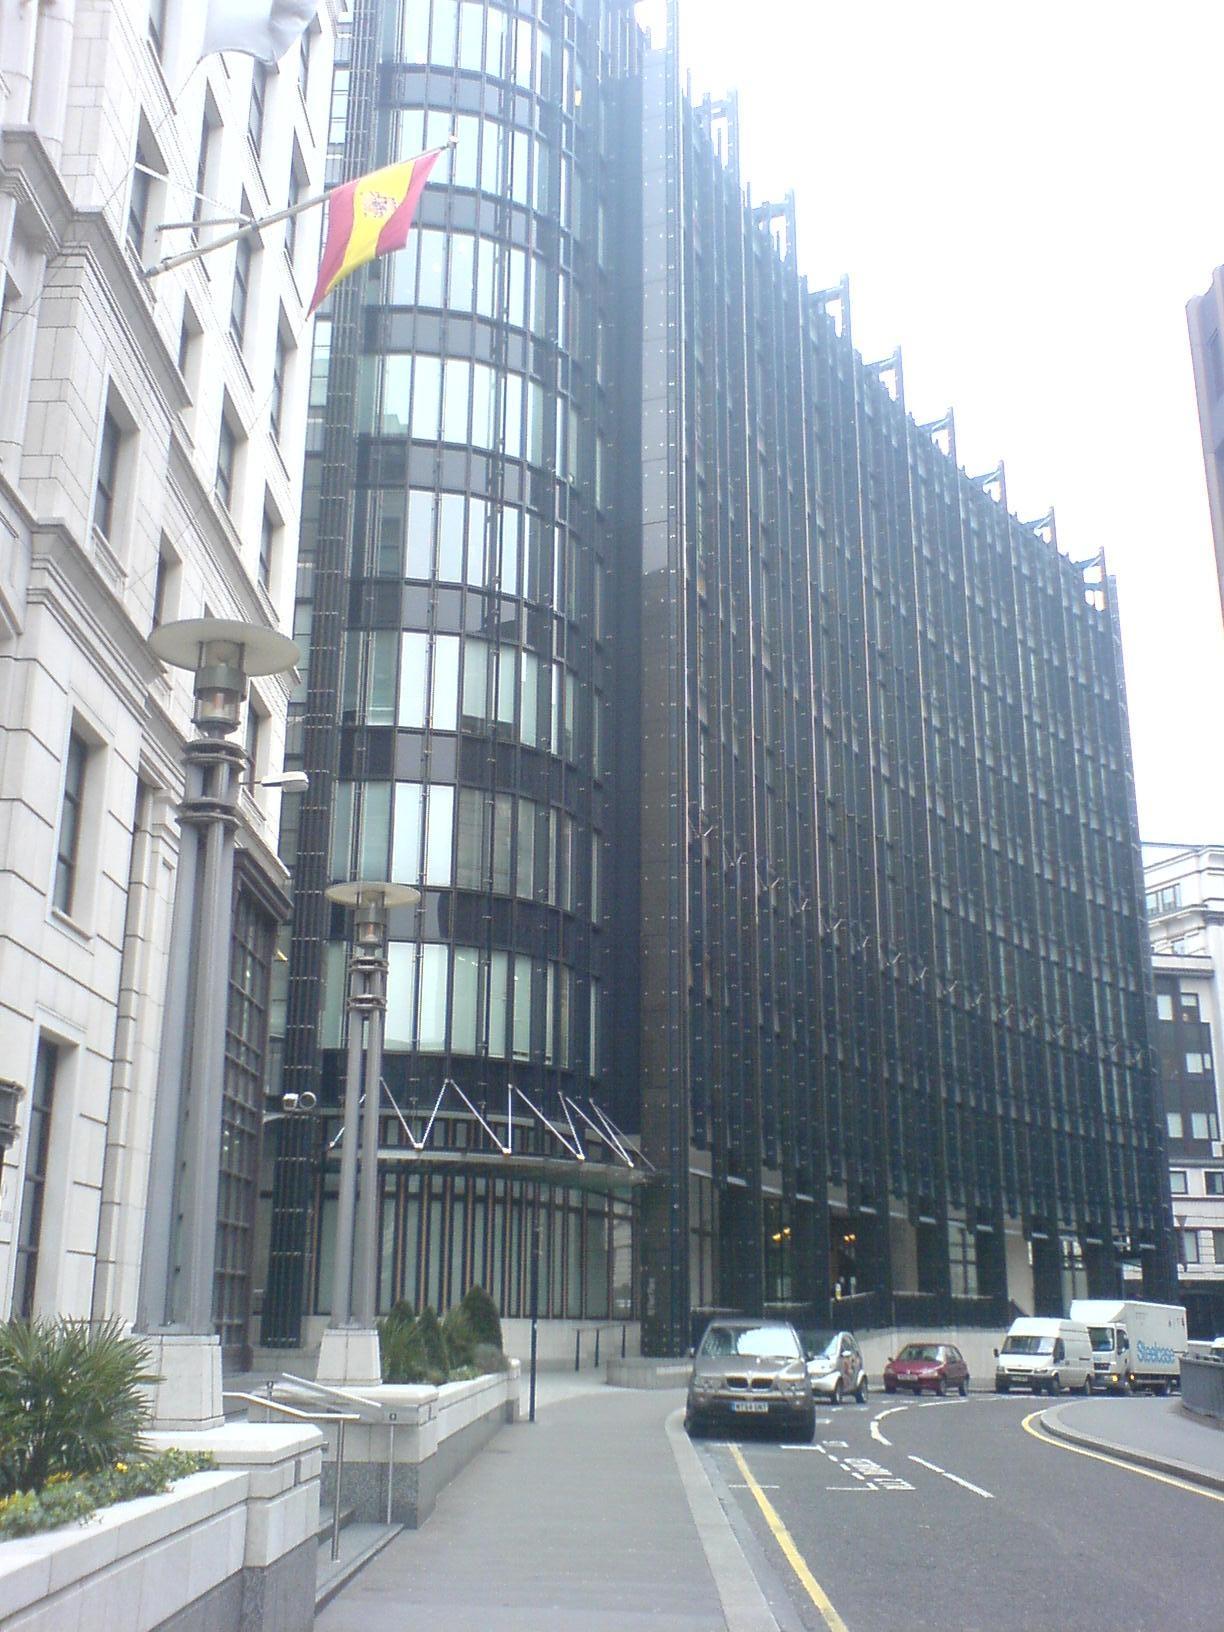 1999 <br>Lancement d'un premier indice mondial de durabilité par les entreprises (Dow Jones Sustainability Indexes)